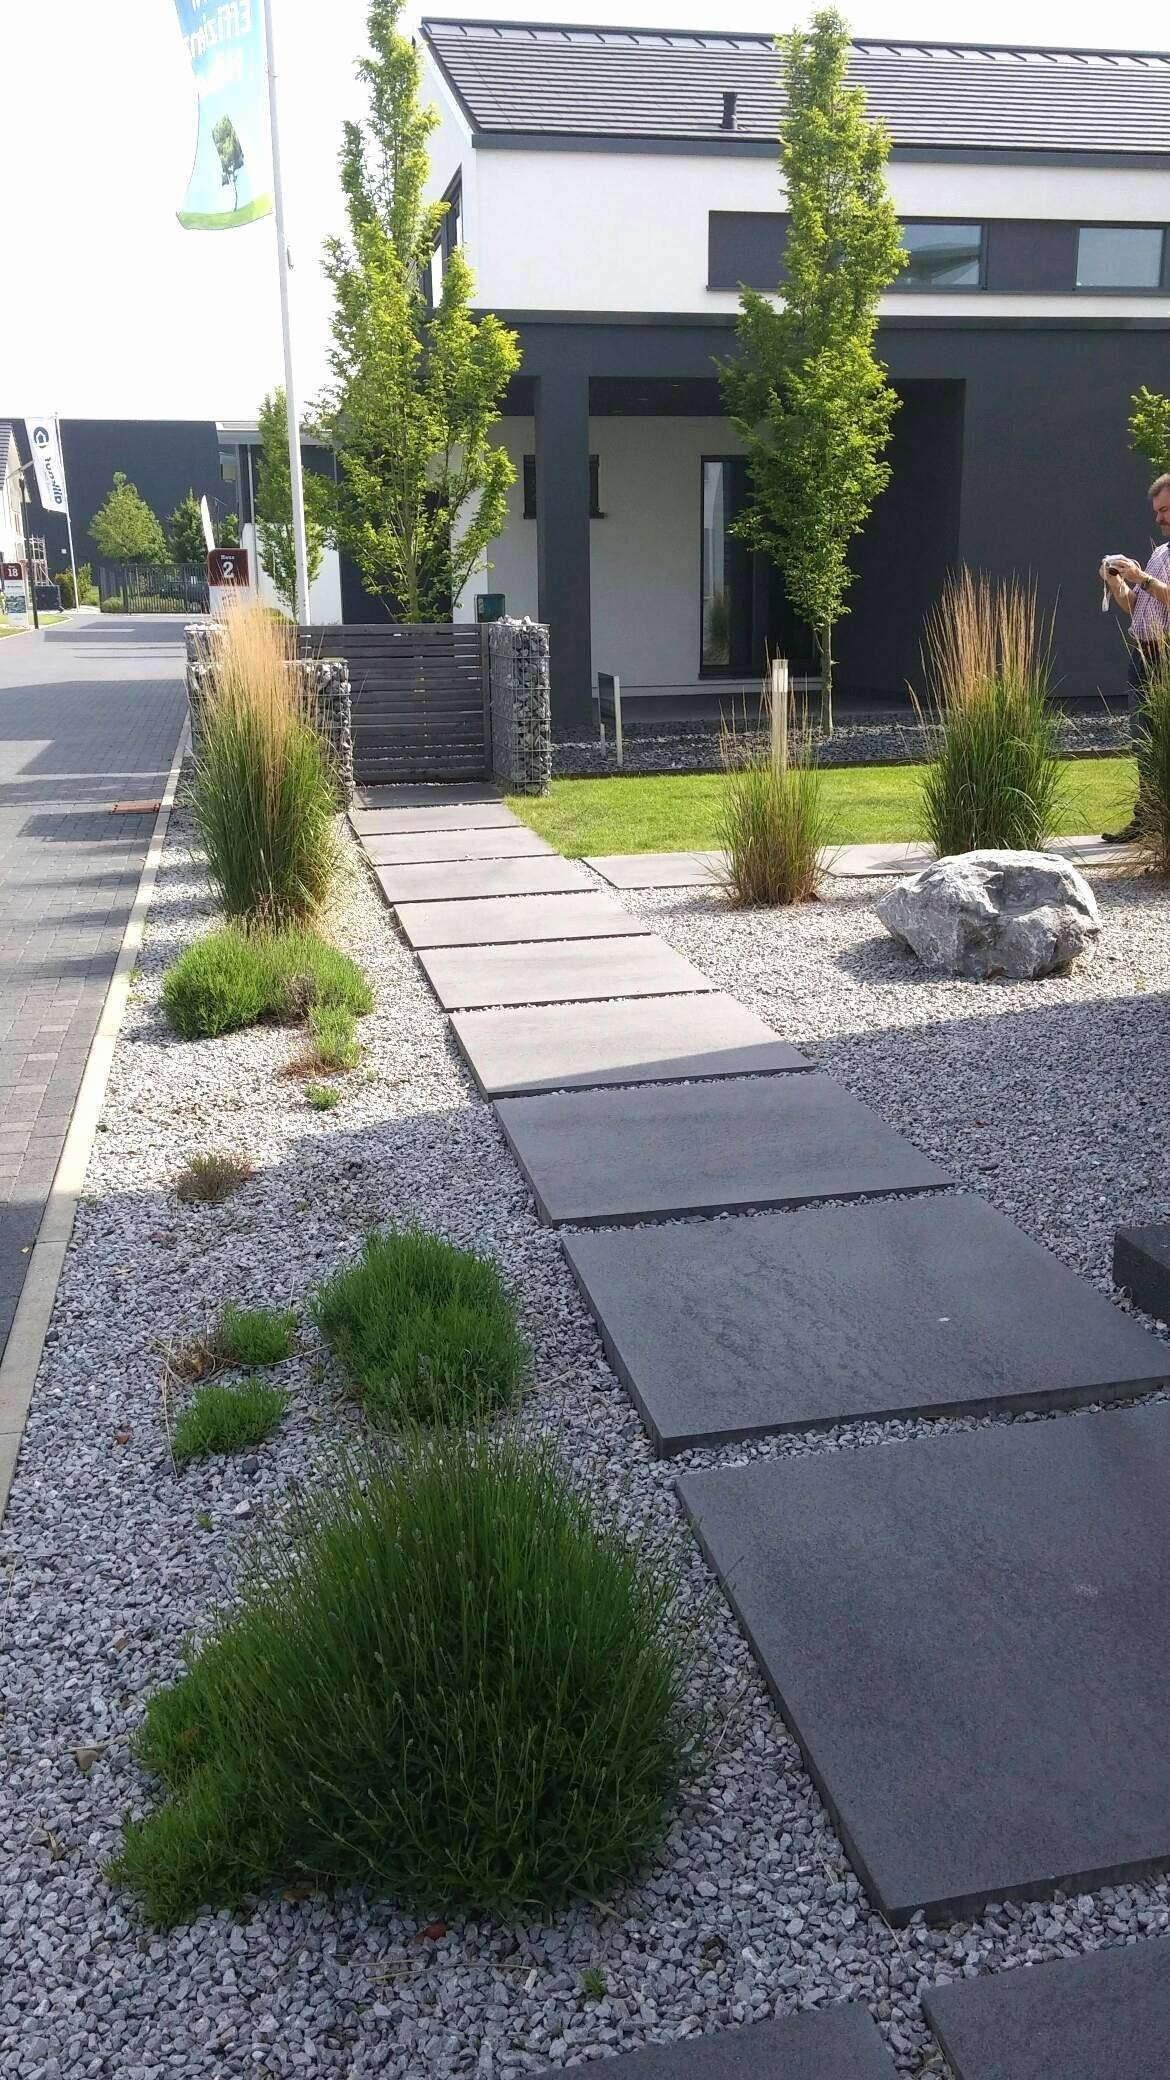 Englischer Garten Parken Frisch 27 Neu Garten Gestalten Beispiele Inspirierend